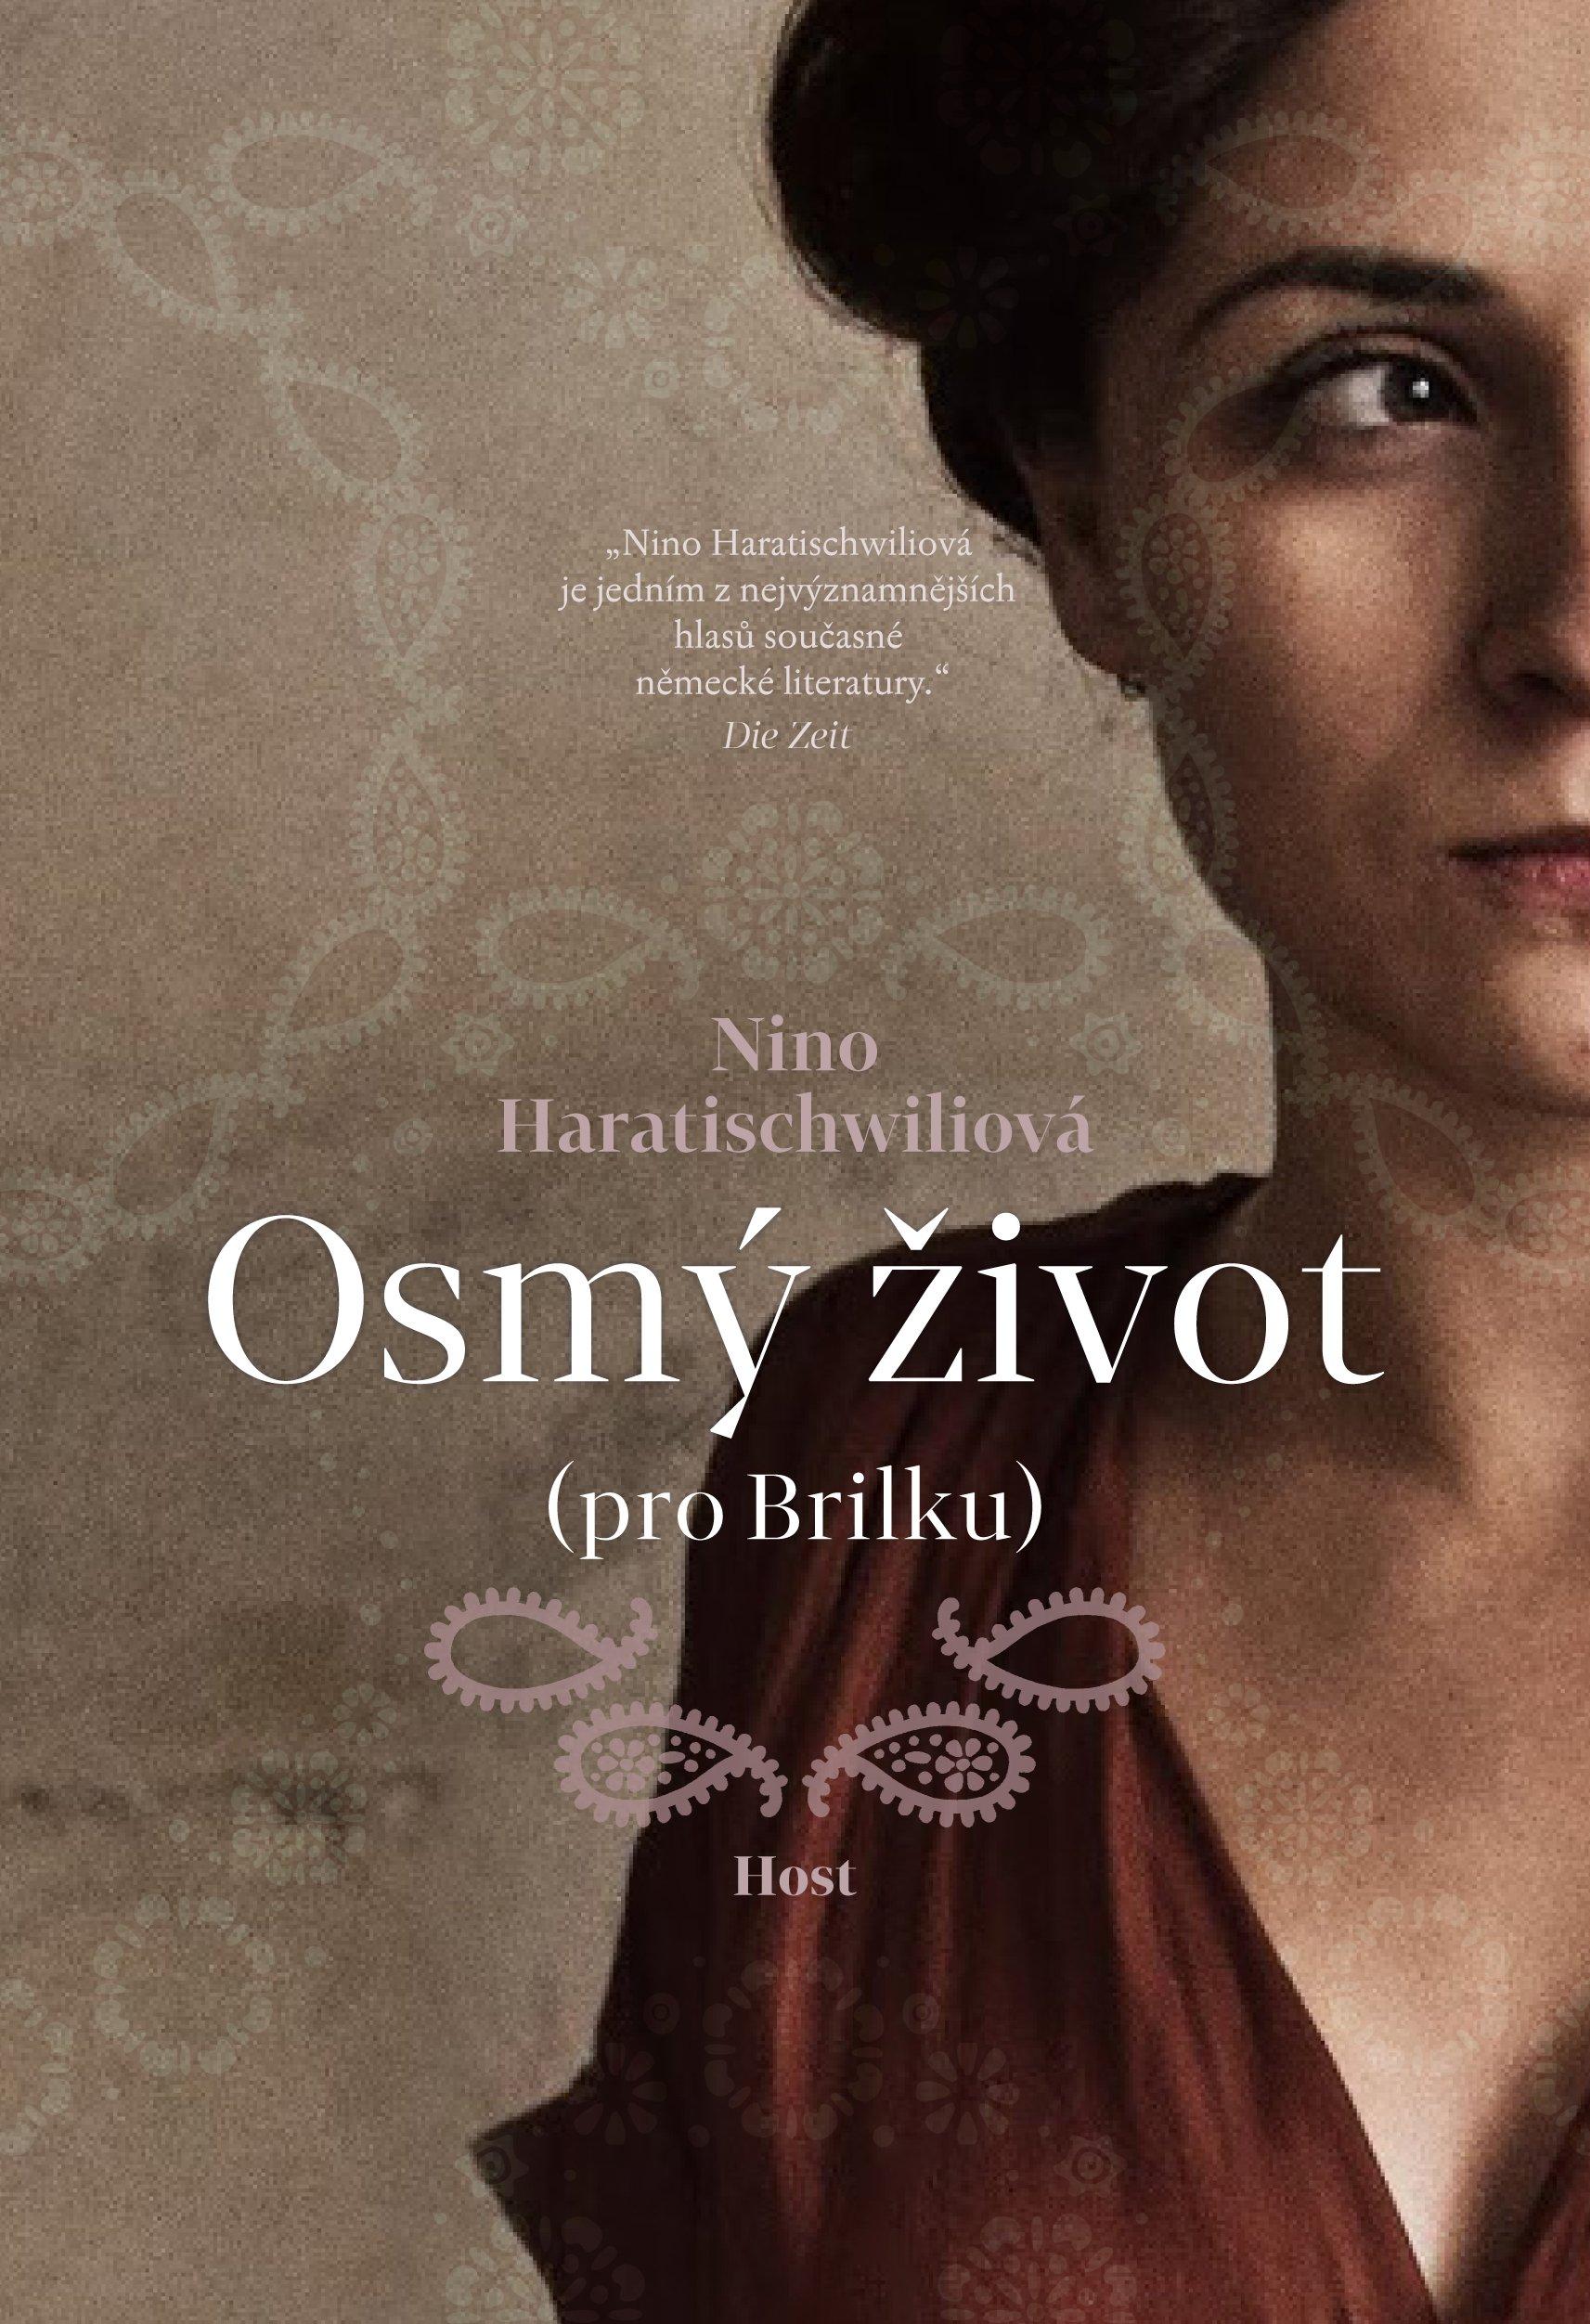 Image result for Osmý život (pro Brilku)